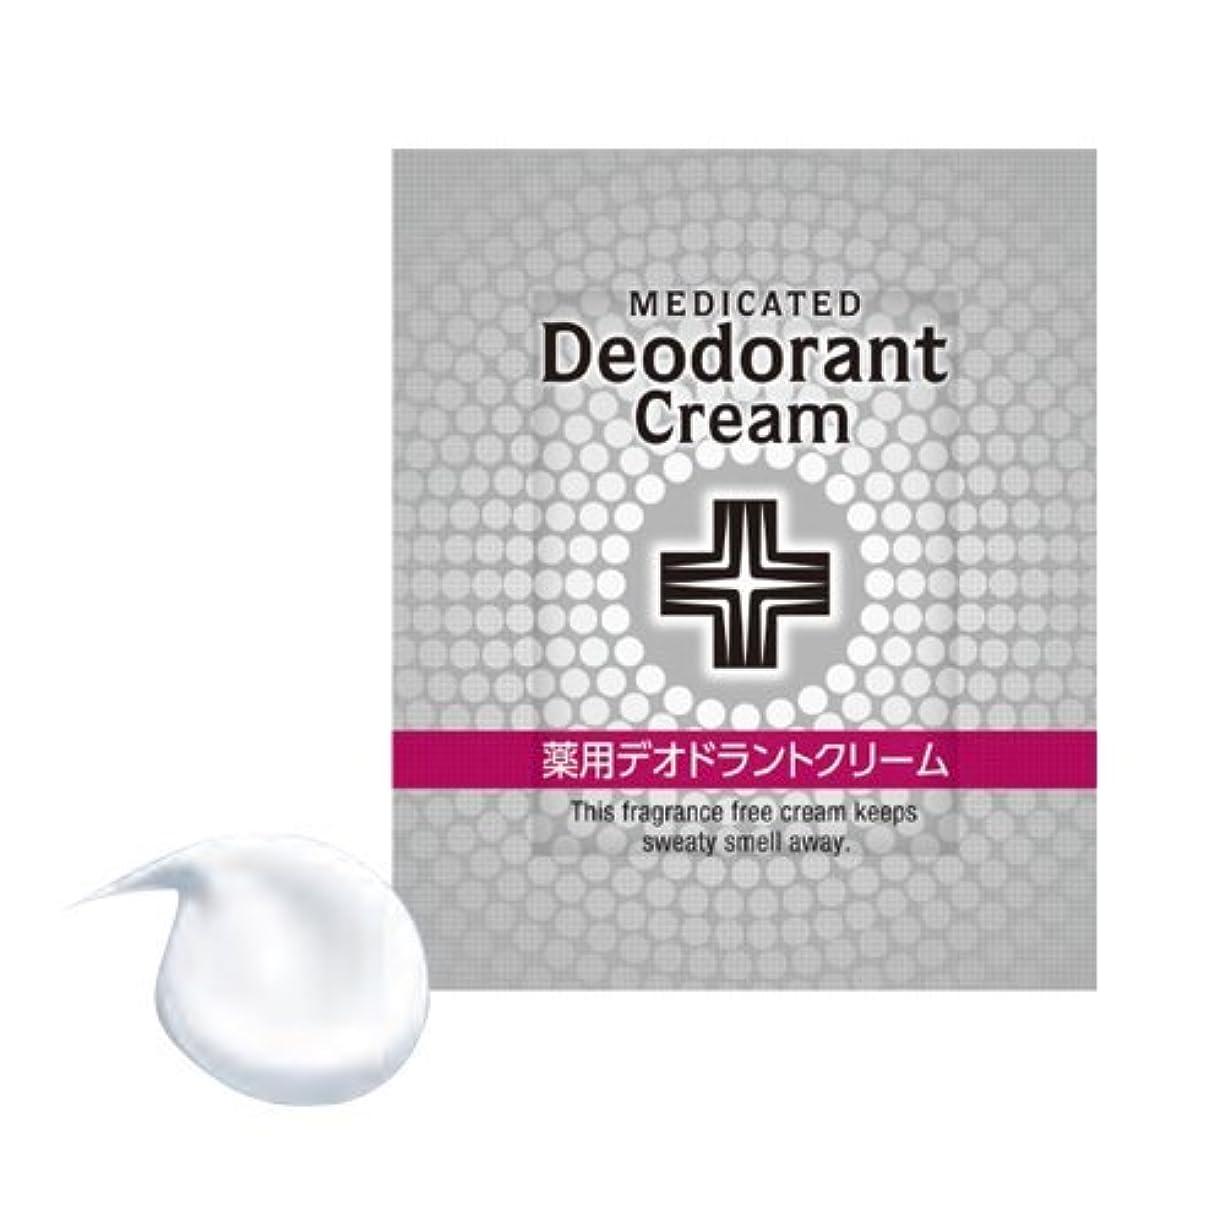 前提条件保証冷酷なウテナ商事 薬用デオドラントクリーム 1g 20個